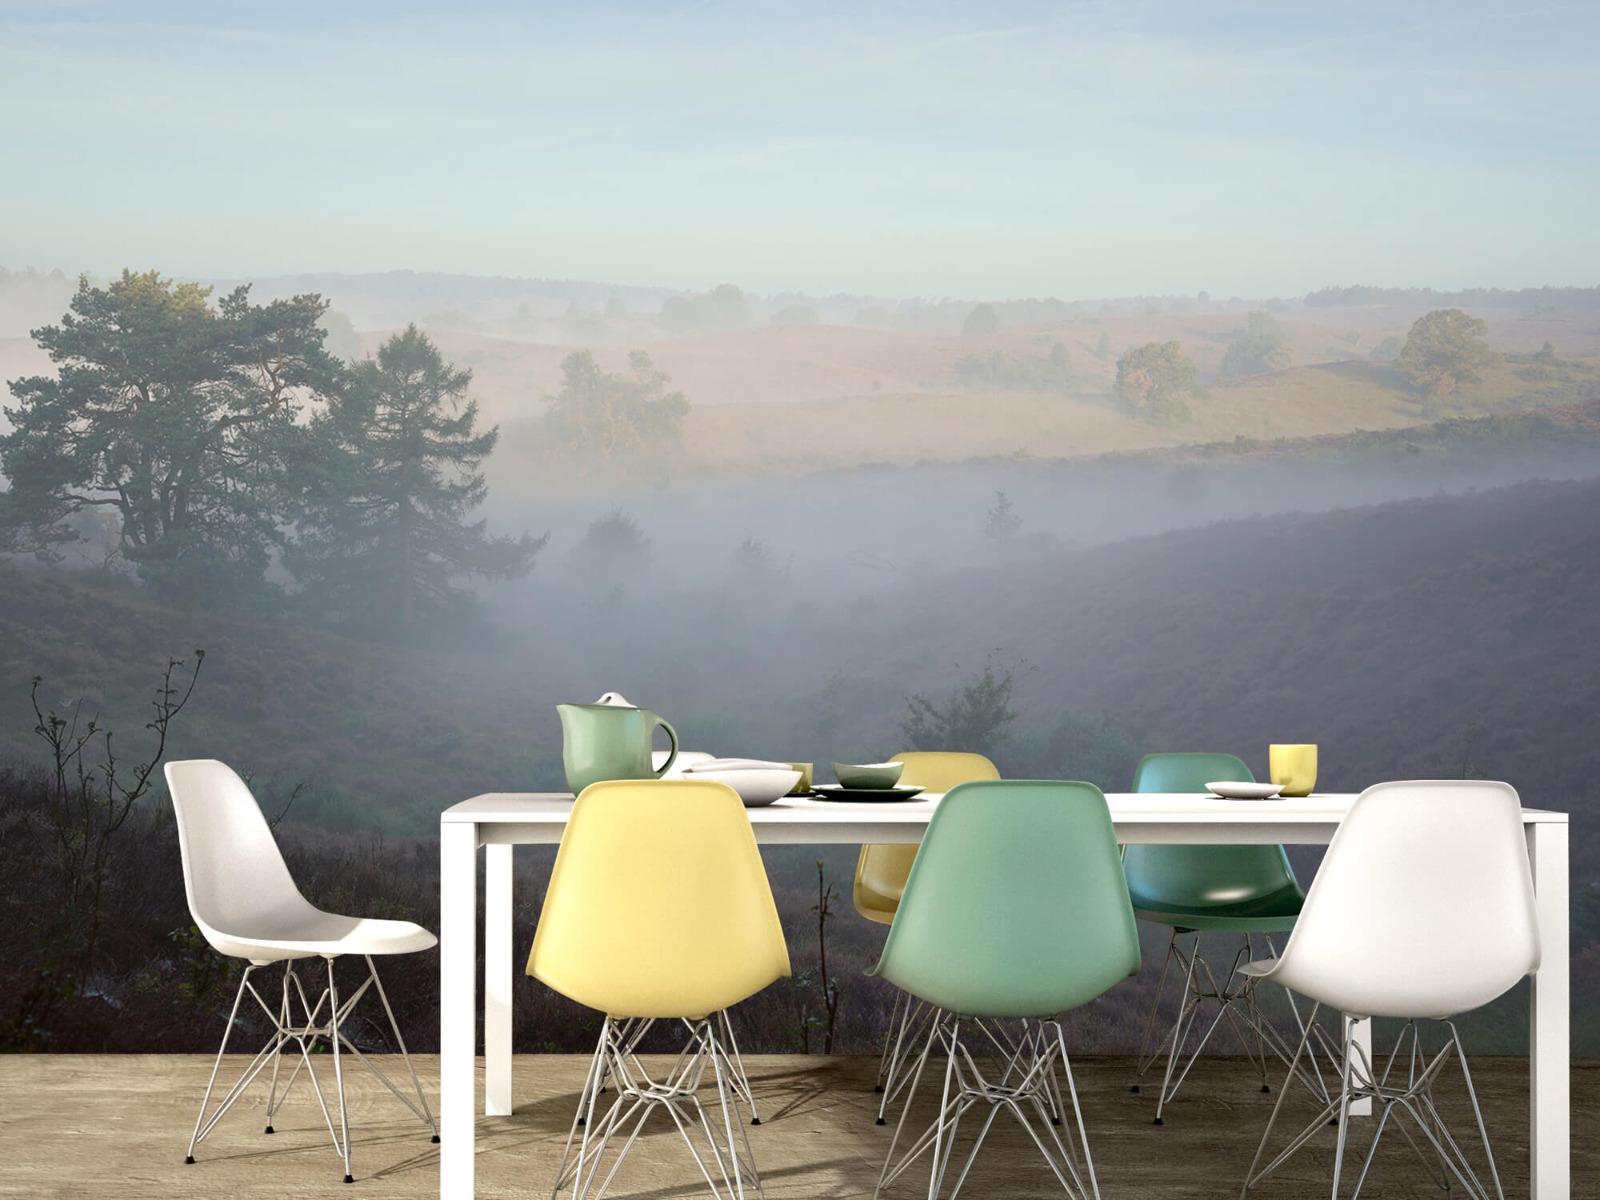 Landschap - Mist op de hei - Slaapkamer 15